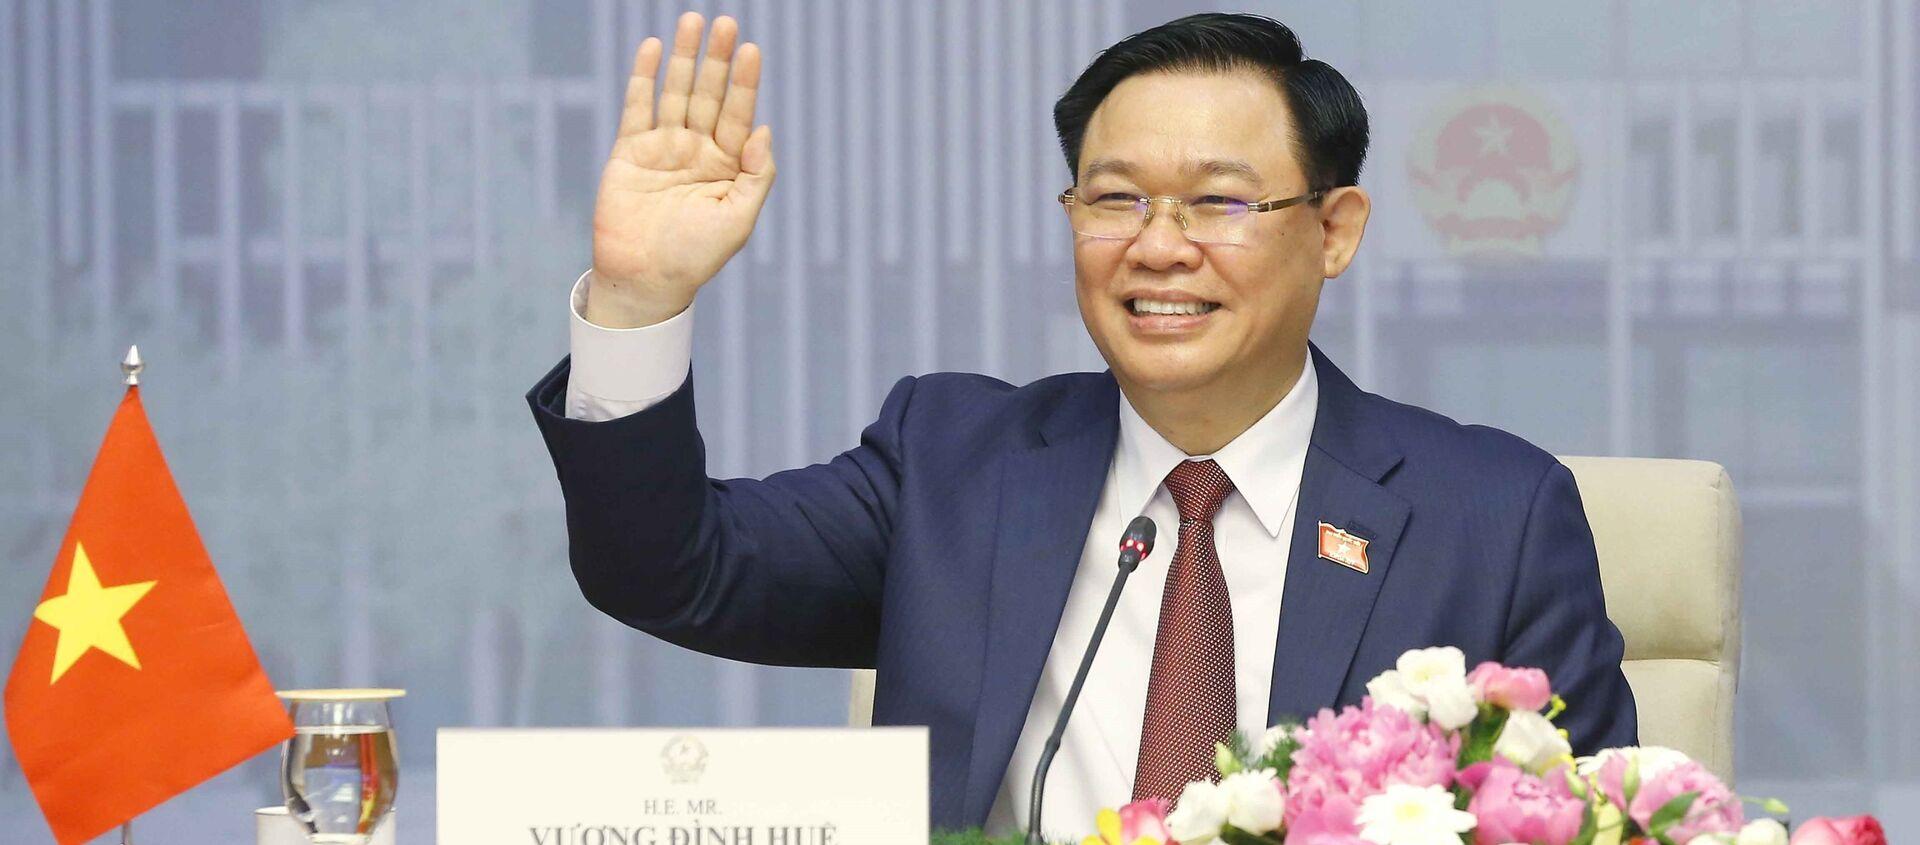 Chủ tịch Quốc hội Vương Đình Huệ chào Chủ tịch Quốc hội Vương quốc Campuchia Samdech Heng Samrin. - Sputnik Việt Nam, 1920, 03.06.2021